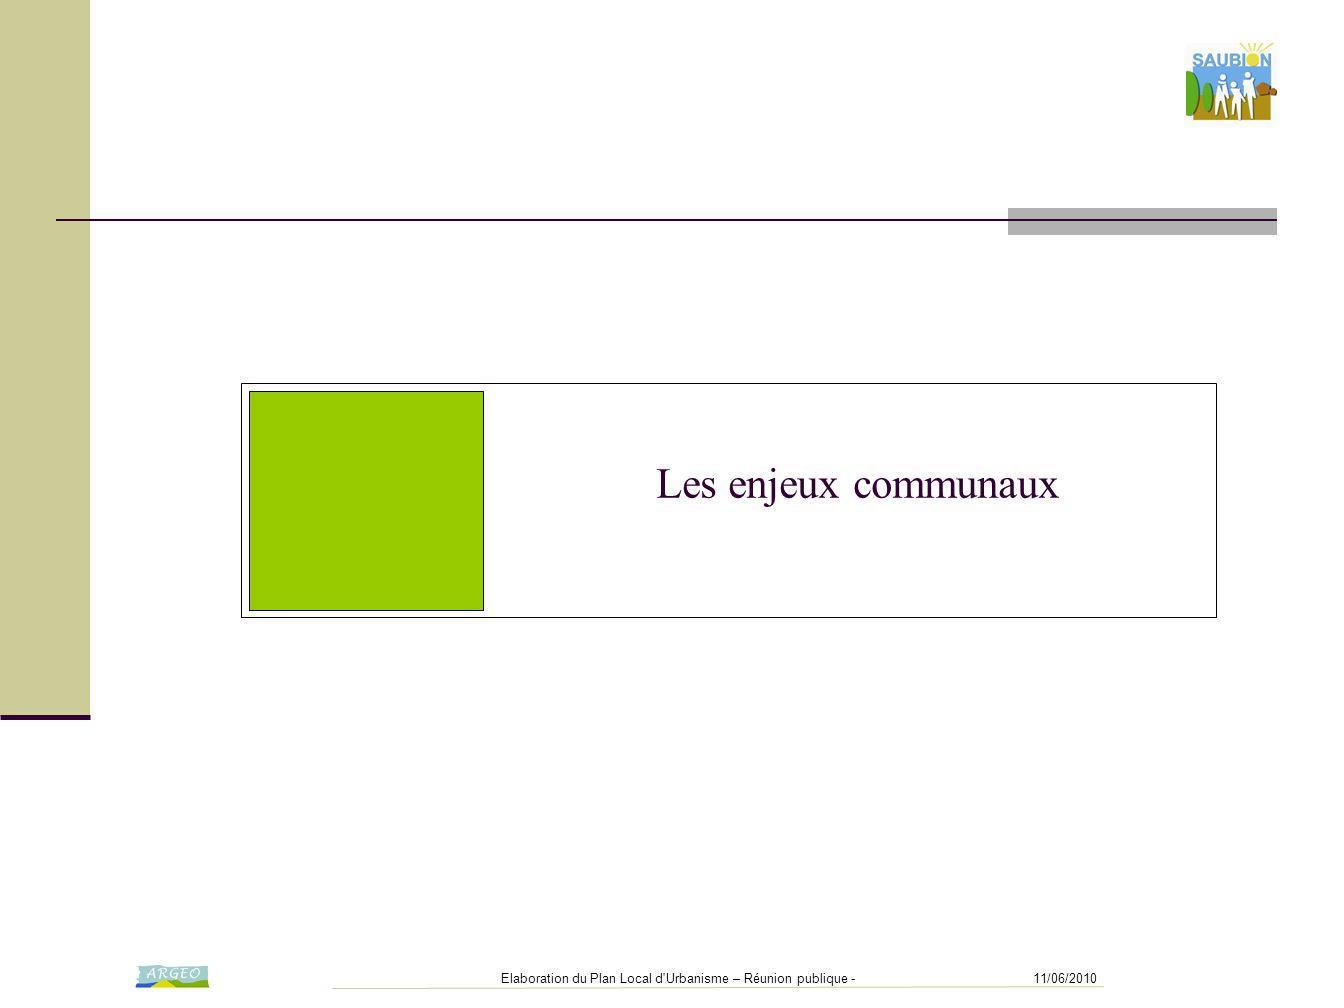 11/06/2010Elaboration du Plan Local d'Urbanisme – Réunion publique - Les enjeux communaux